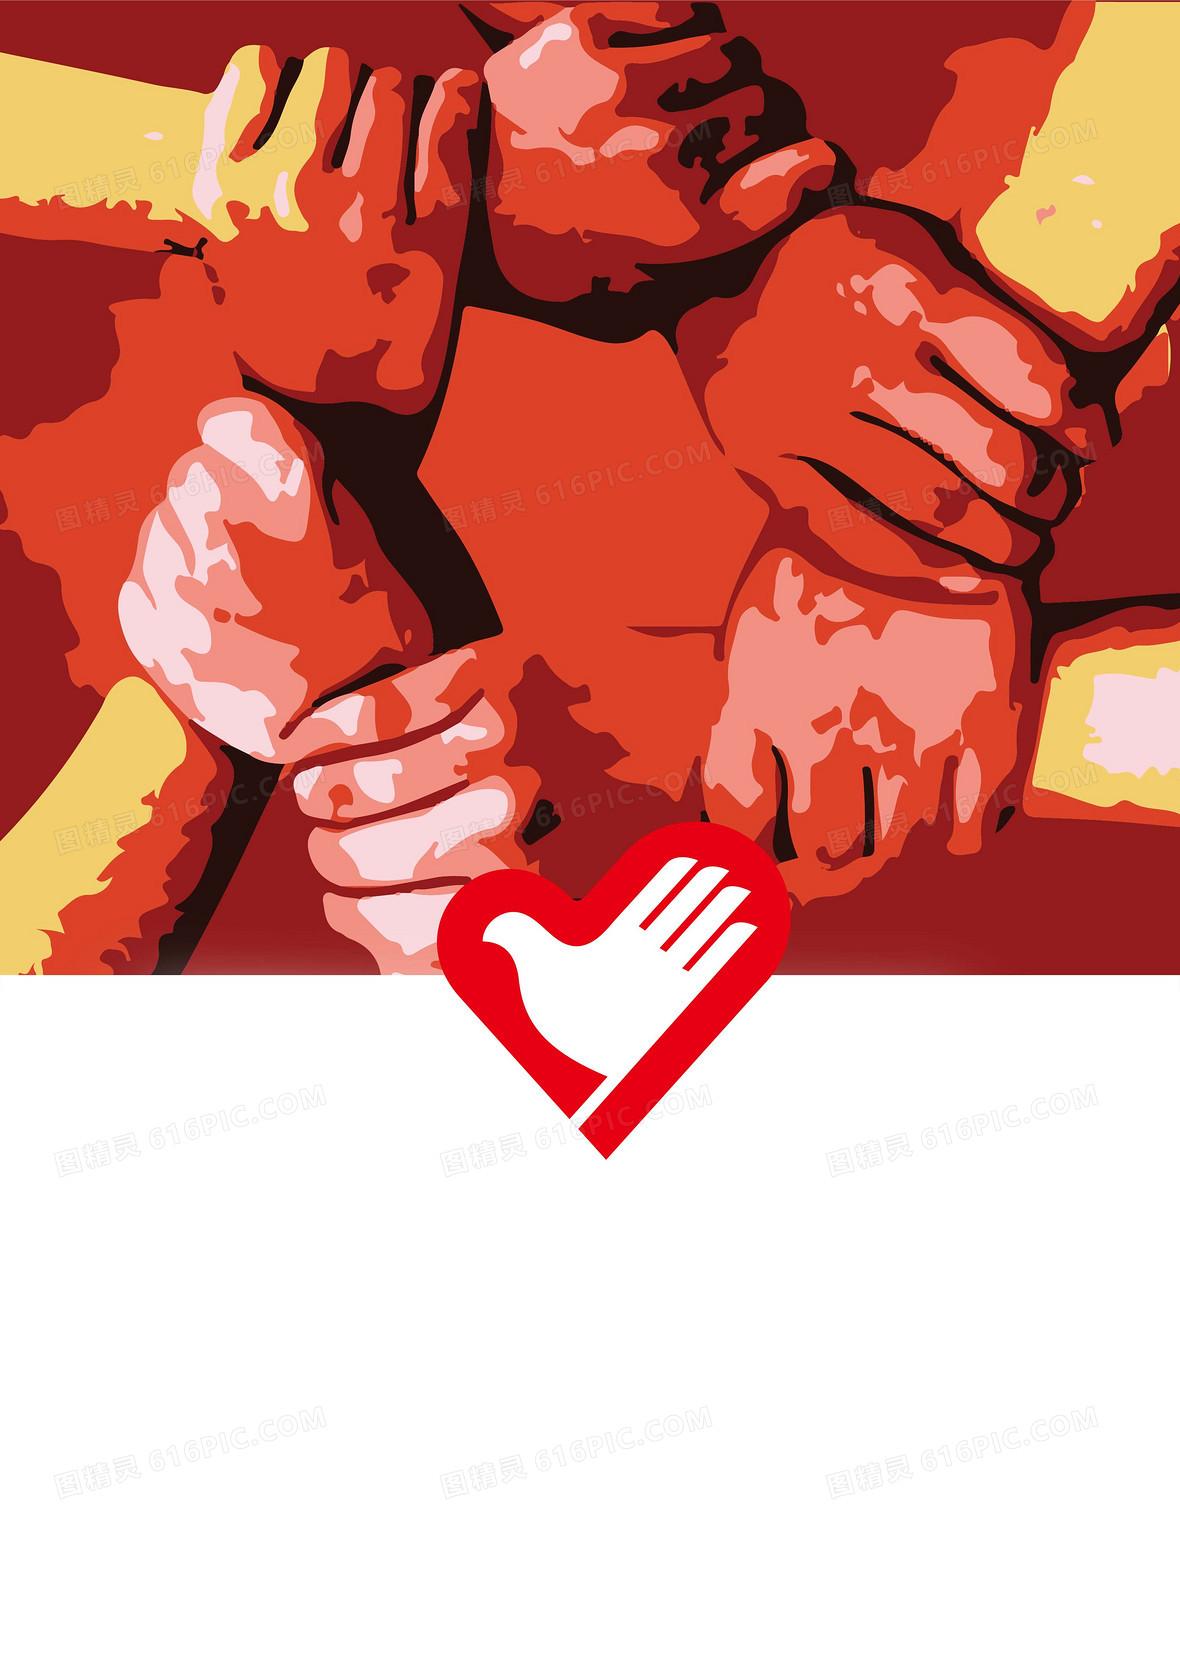 志愿服务海报志愿者社团海报背景素材